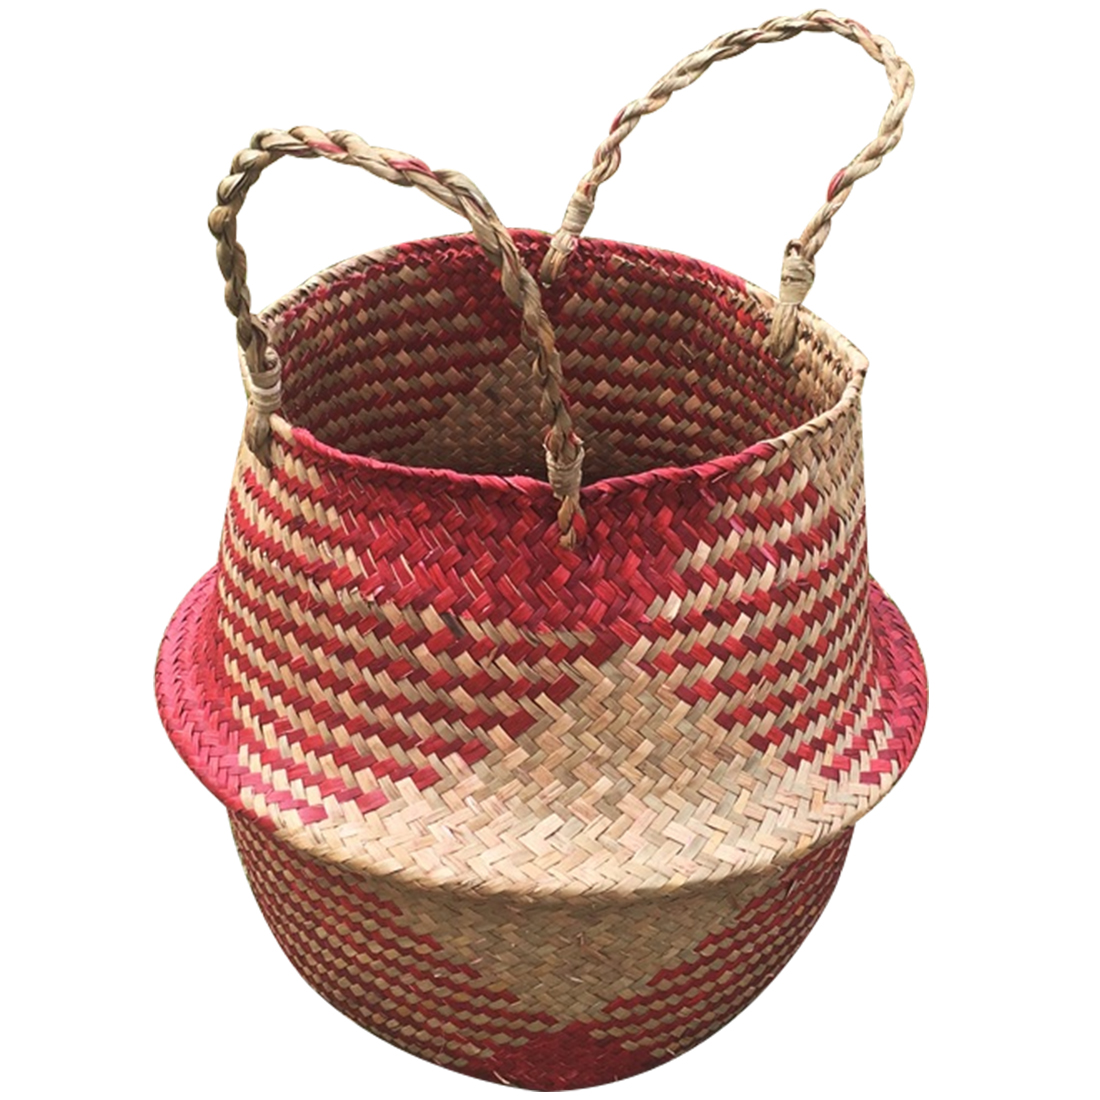 Basket Straw Woven Storage Garden Flower Wicker Bag Pot Planter Seagrass Belly